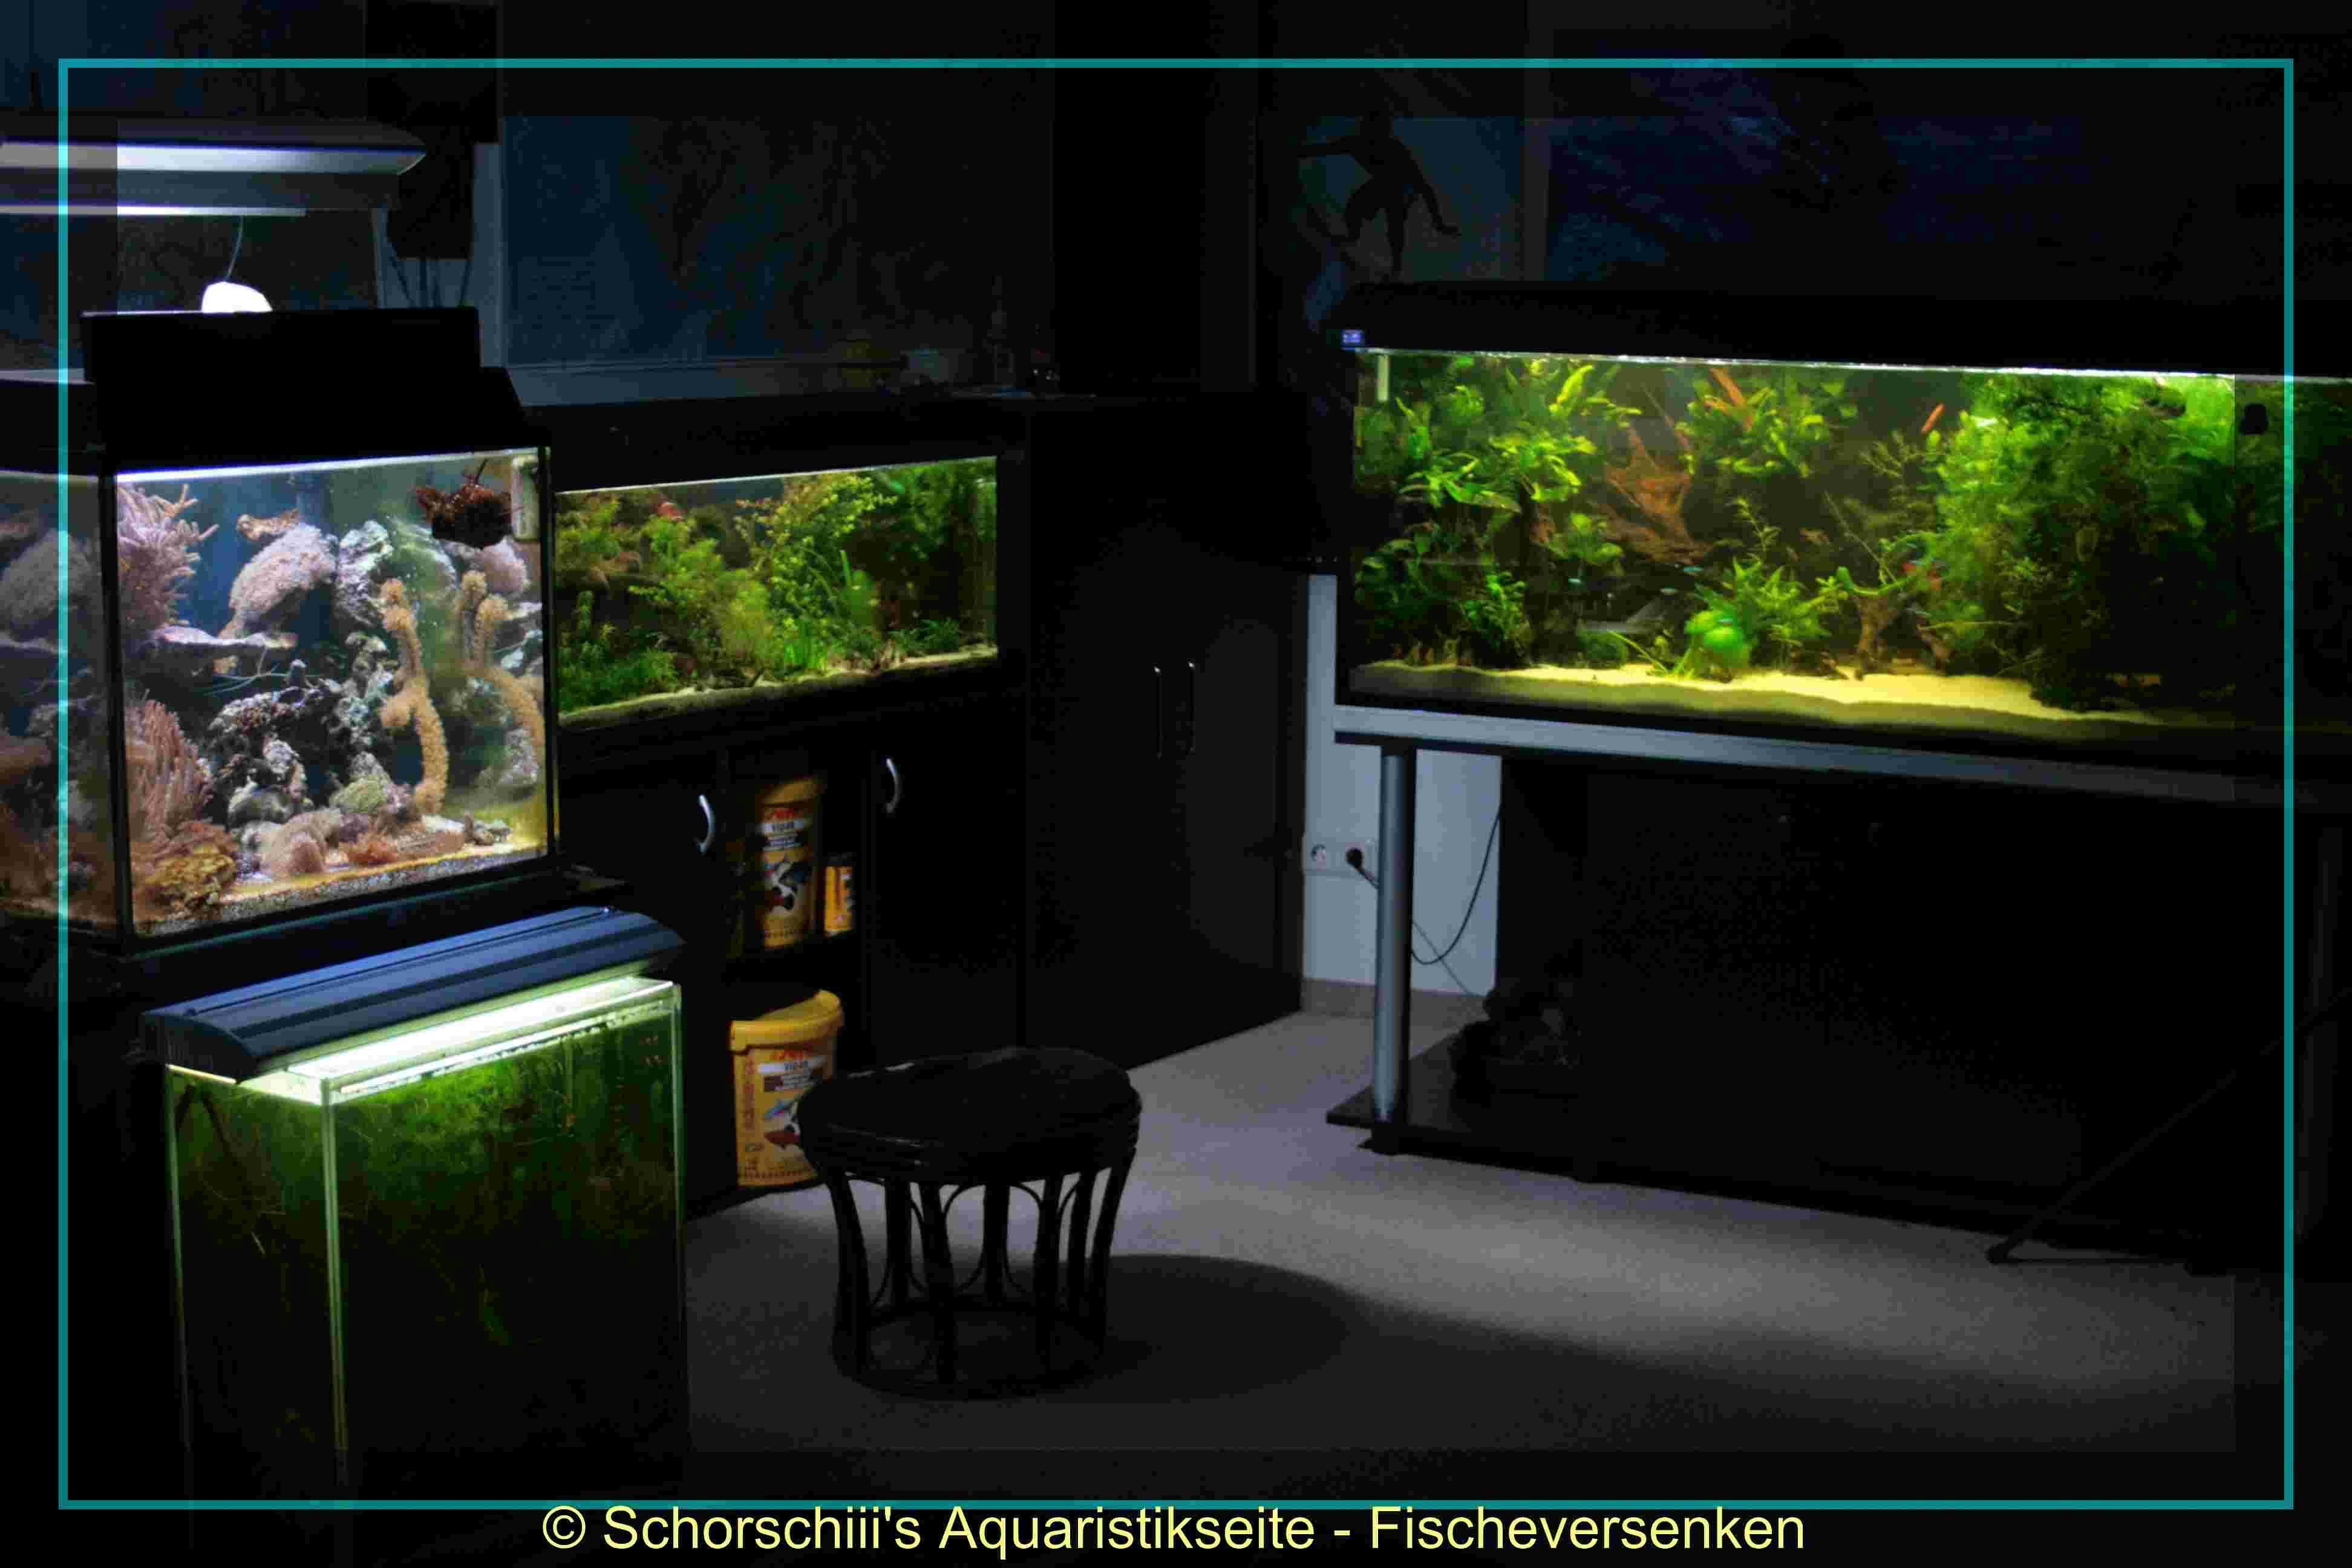 Aquarien for Zierfische hannover